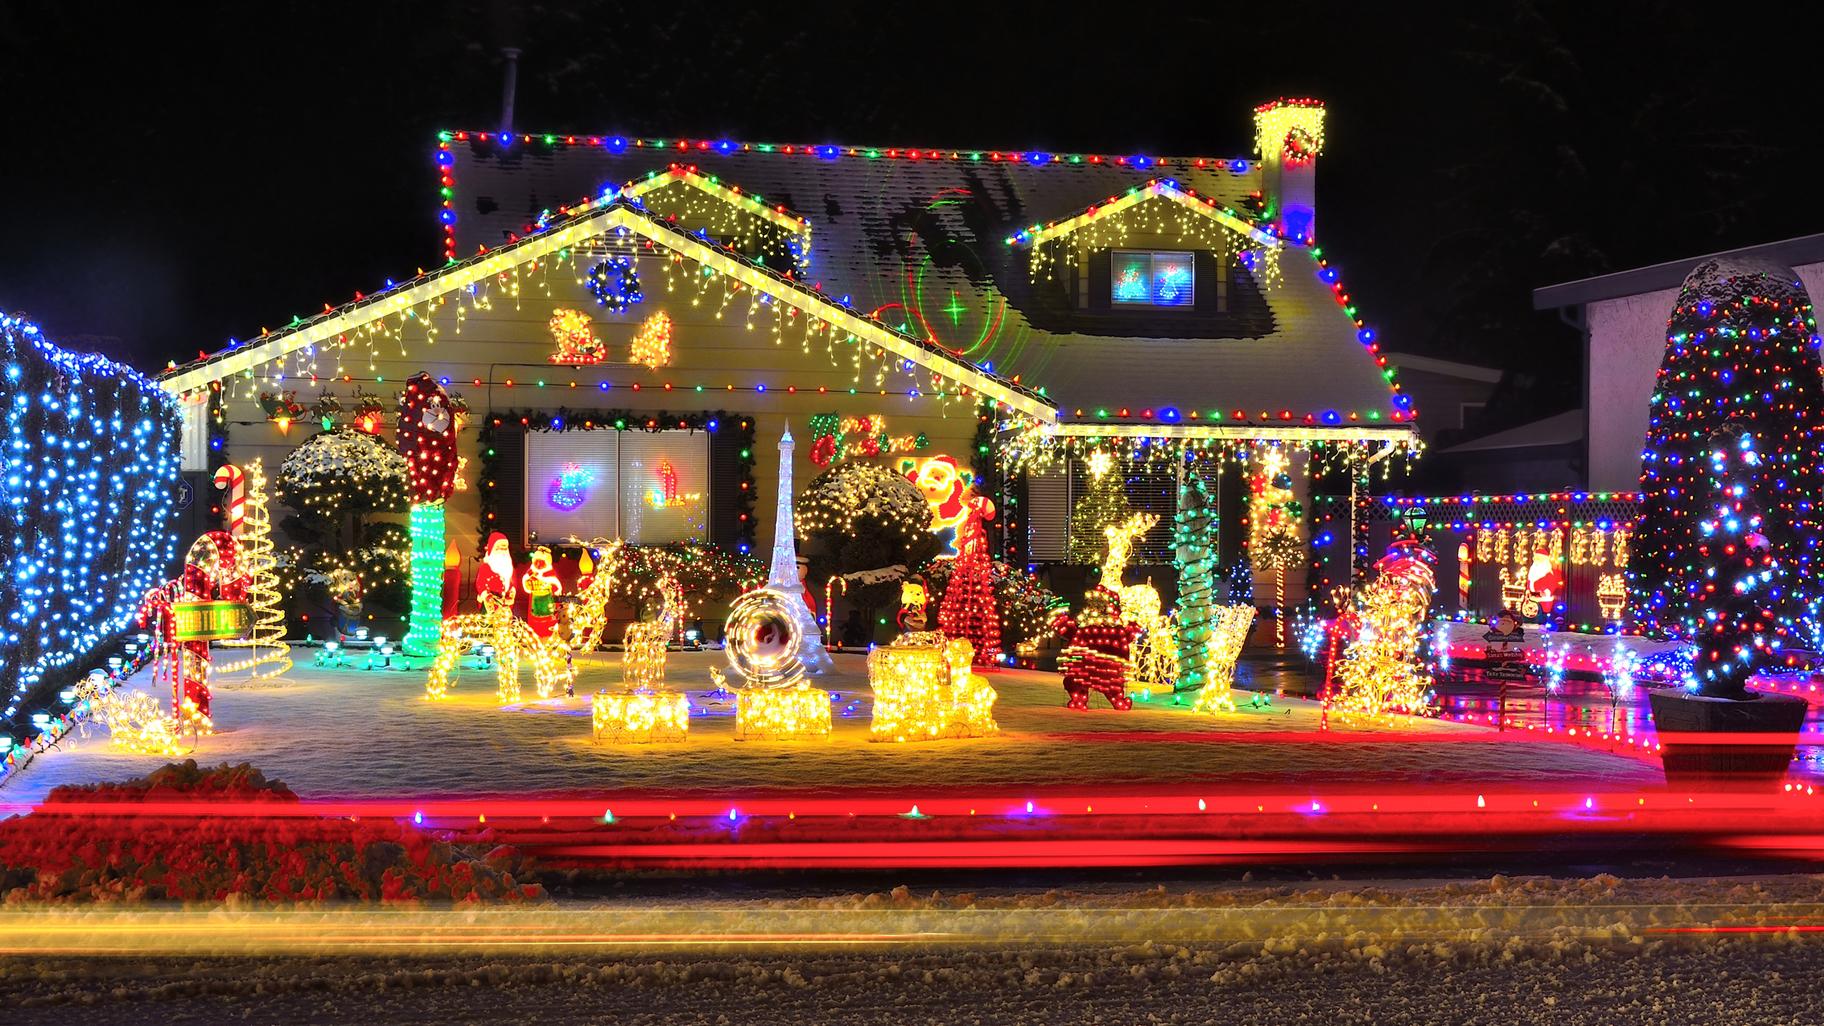 Amerikanische Weihnachtsbeleuchtung.So Irre Kann Das Haus Zur Weihnachtszeit Aussehen